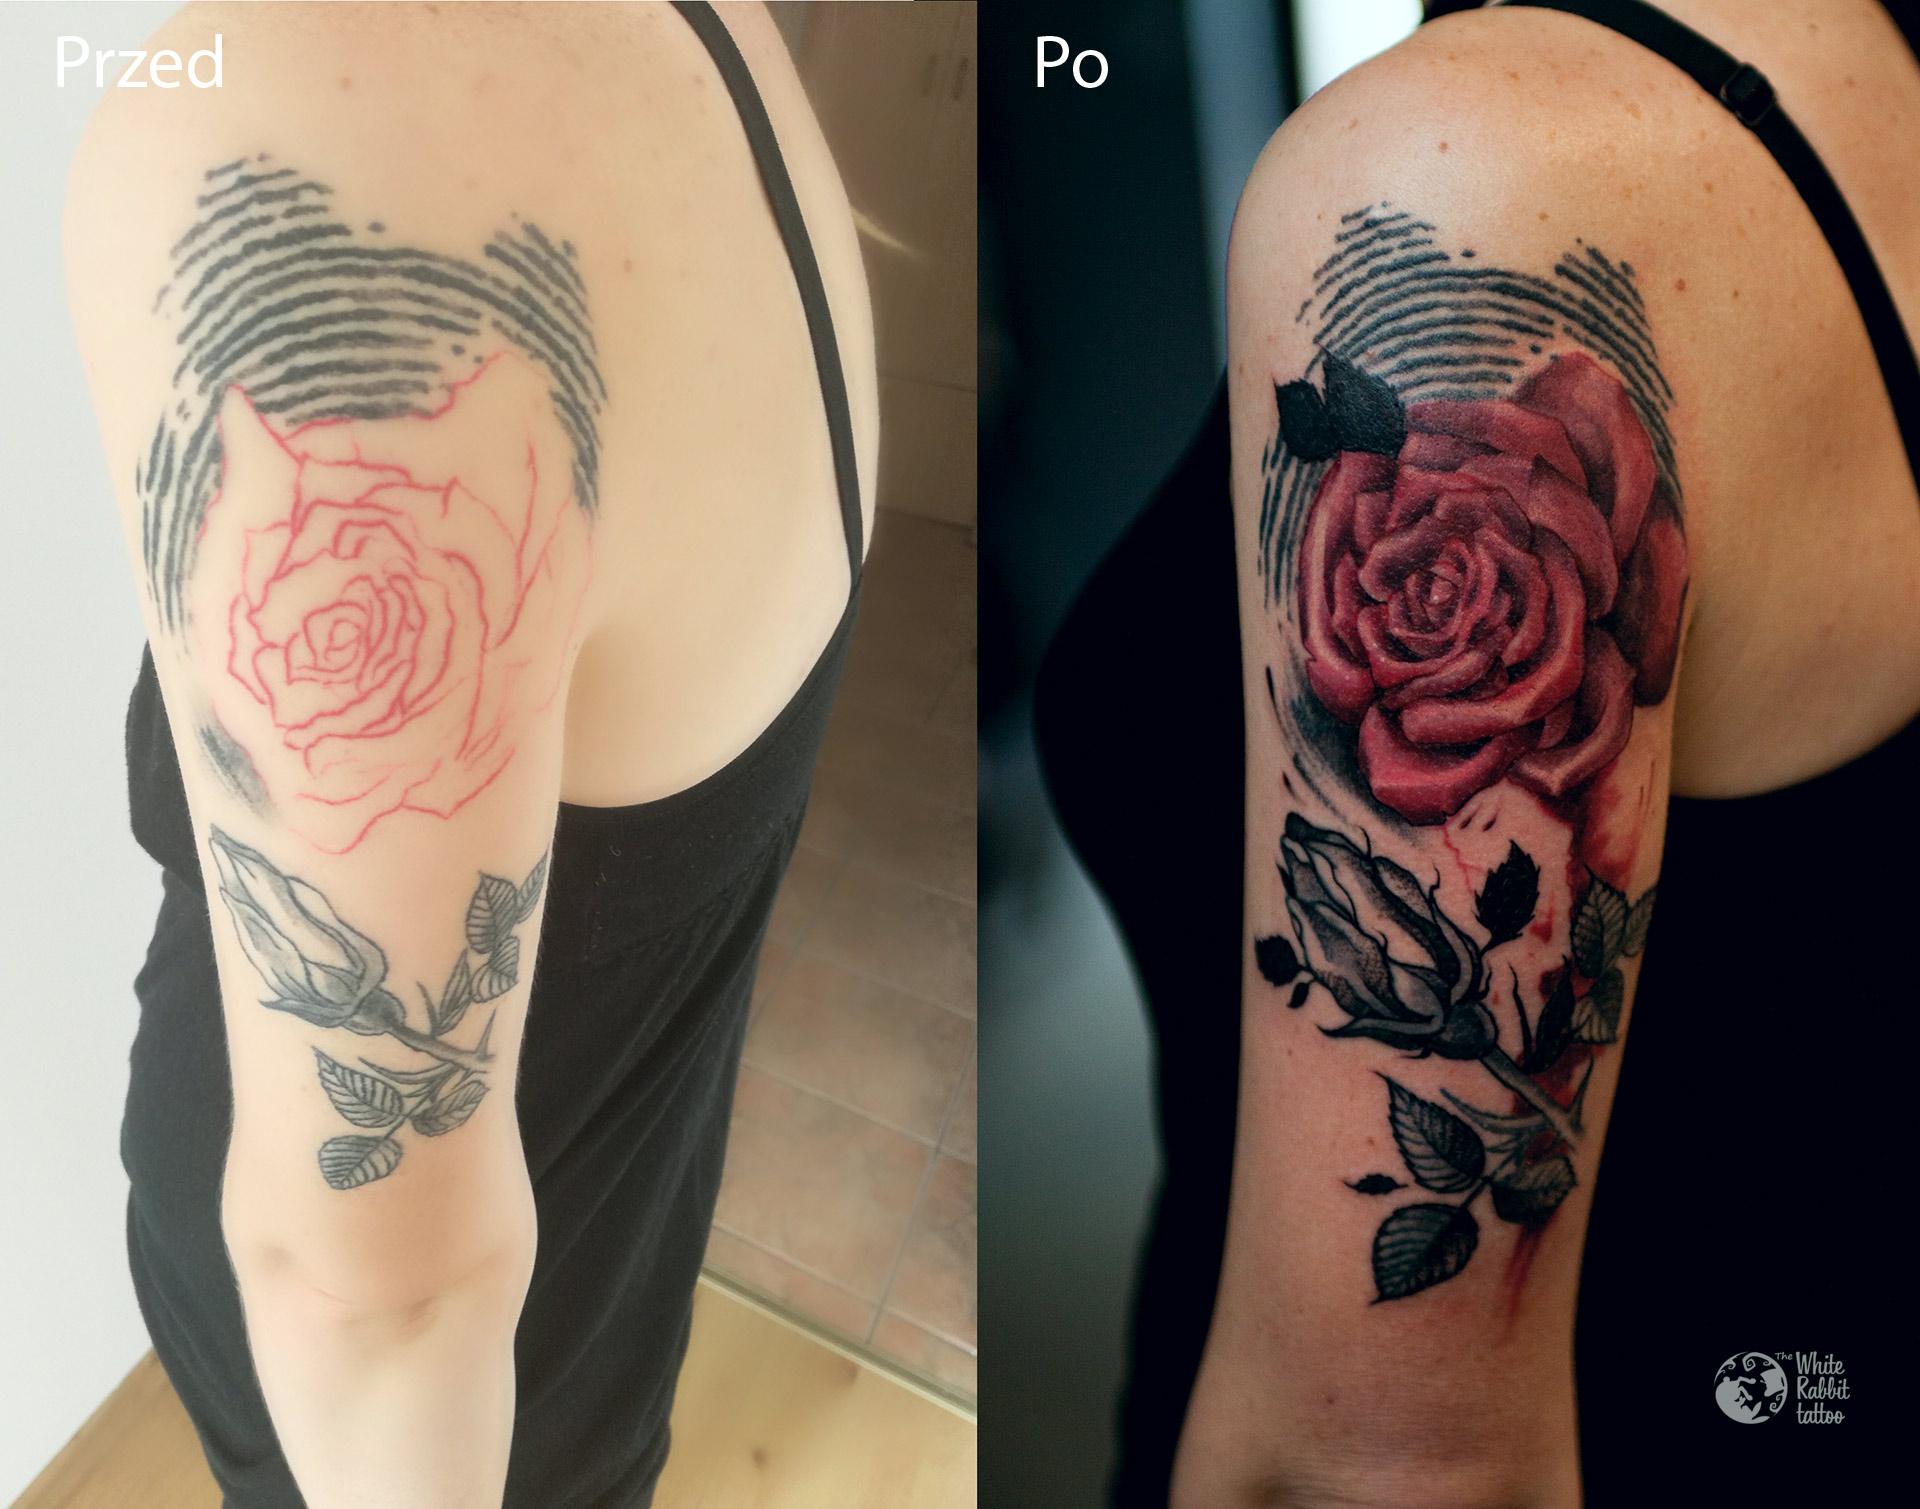 Poprawa tatuażu róża